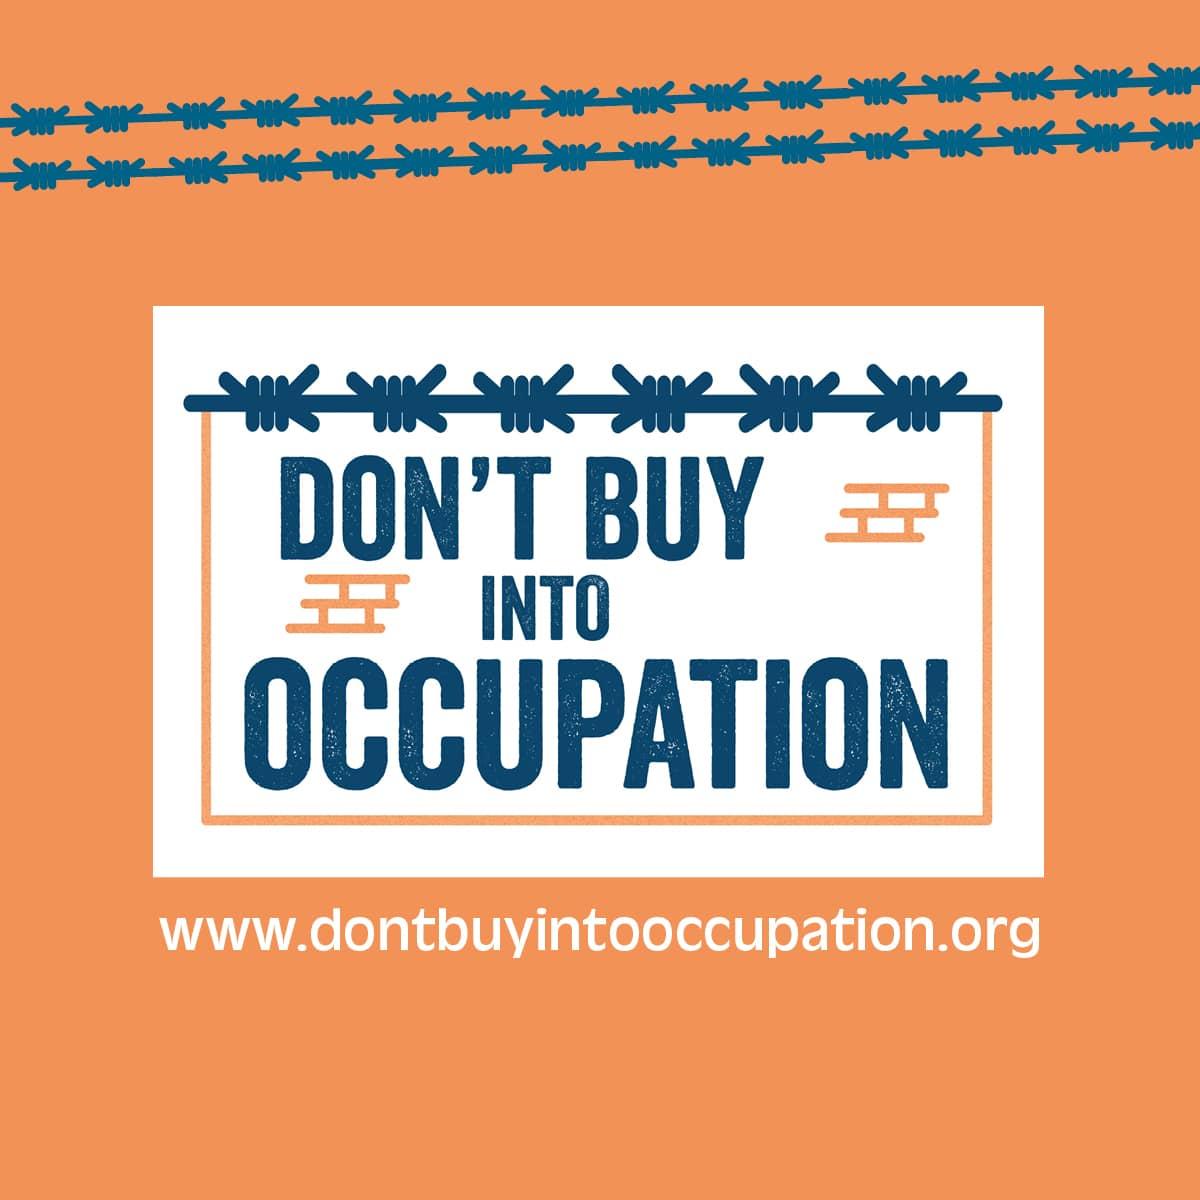 Colonisation israélienne : un rapport met en évidence l'implication d'entreprises belges